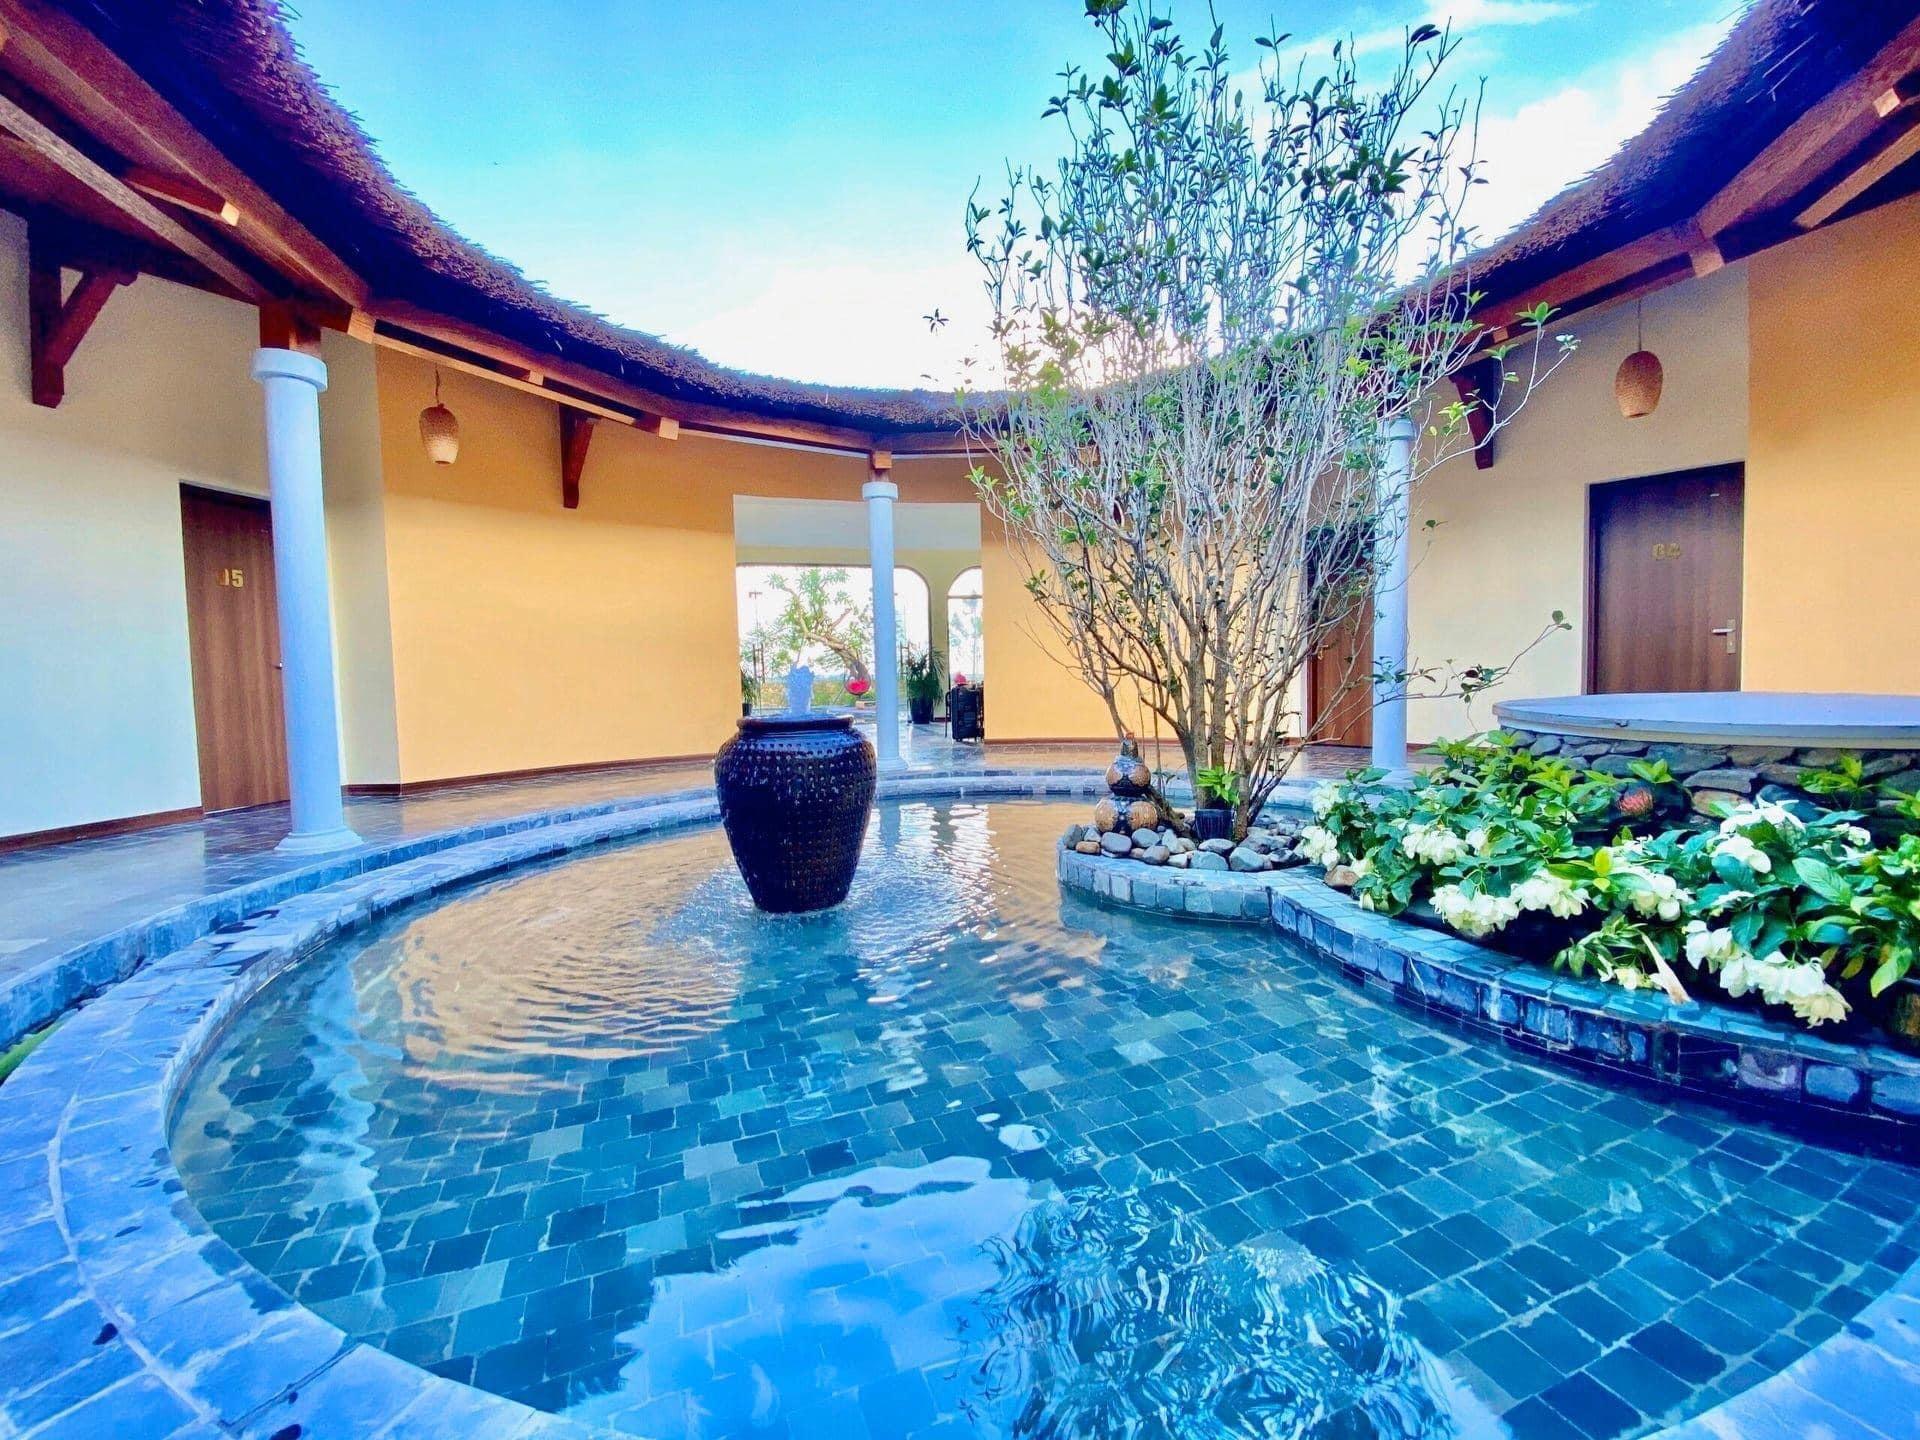 Vợ chồng Hà Nội về ngoại ô xây nhà mái lá, có đủ bể bơi xanh mát-8